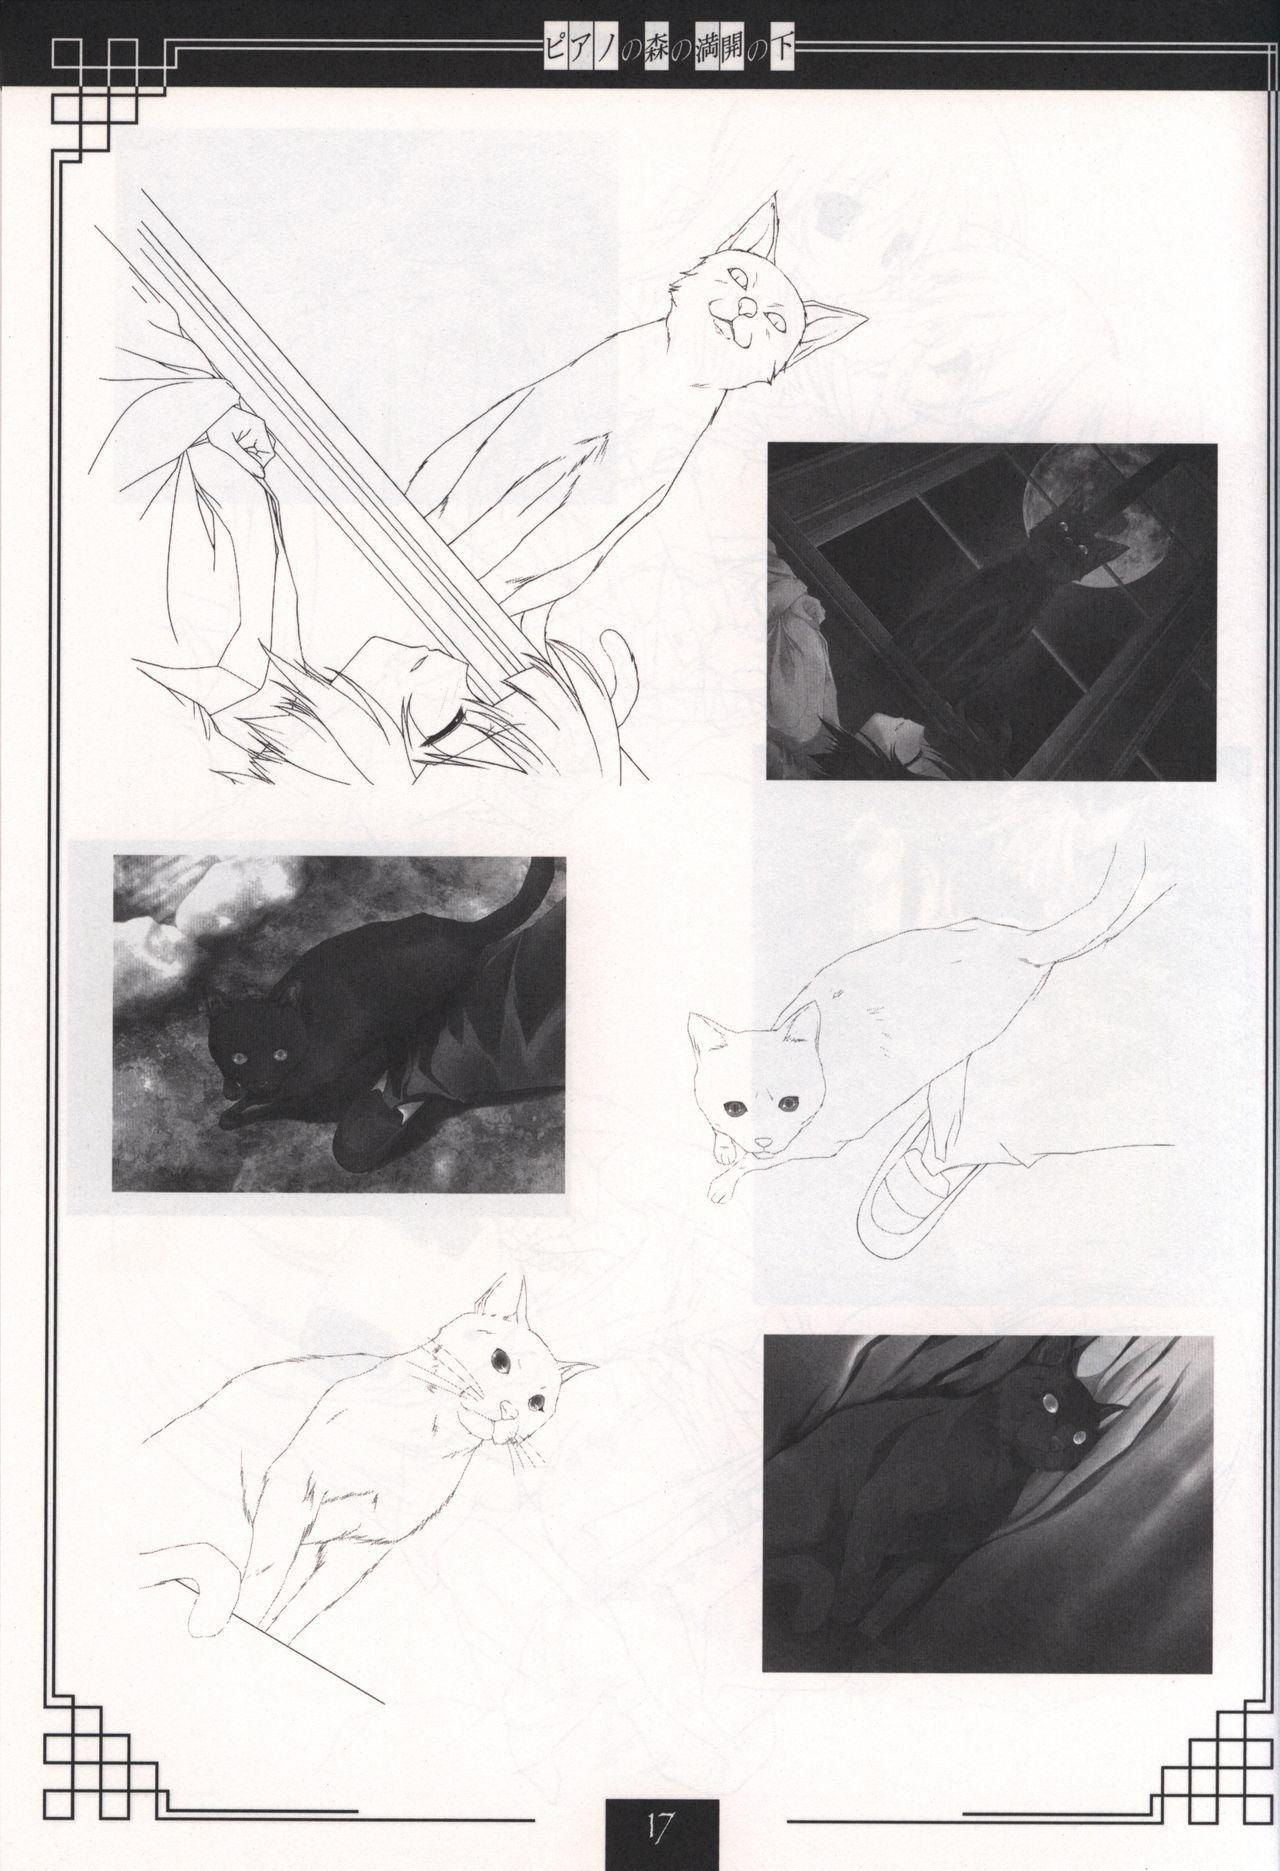 Piano no Mori no Mankai no Shita illustration art book 15